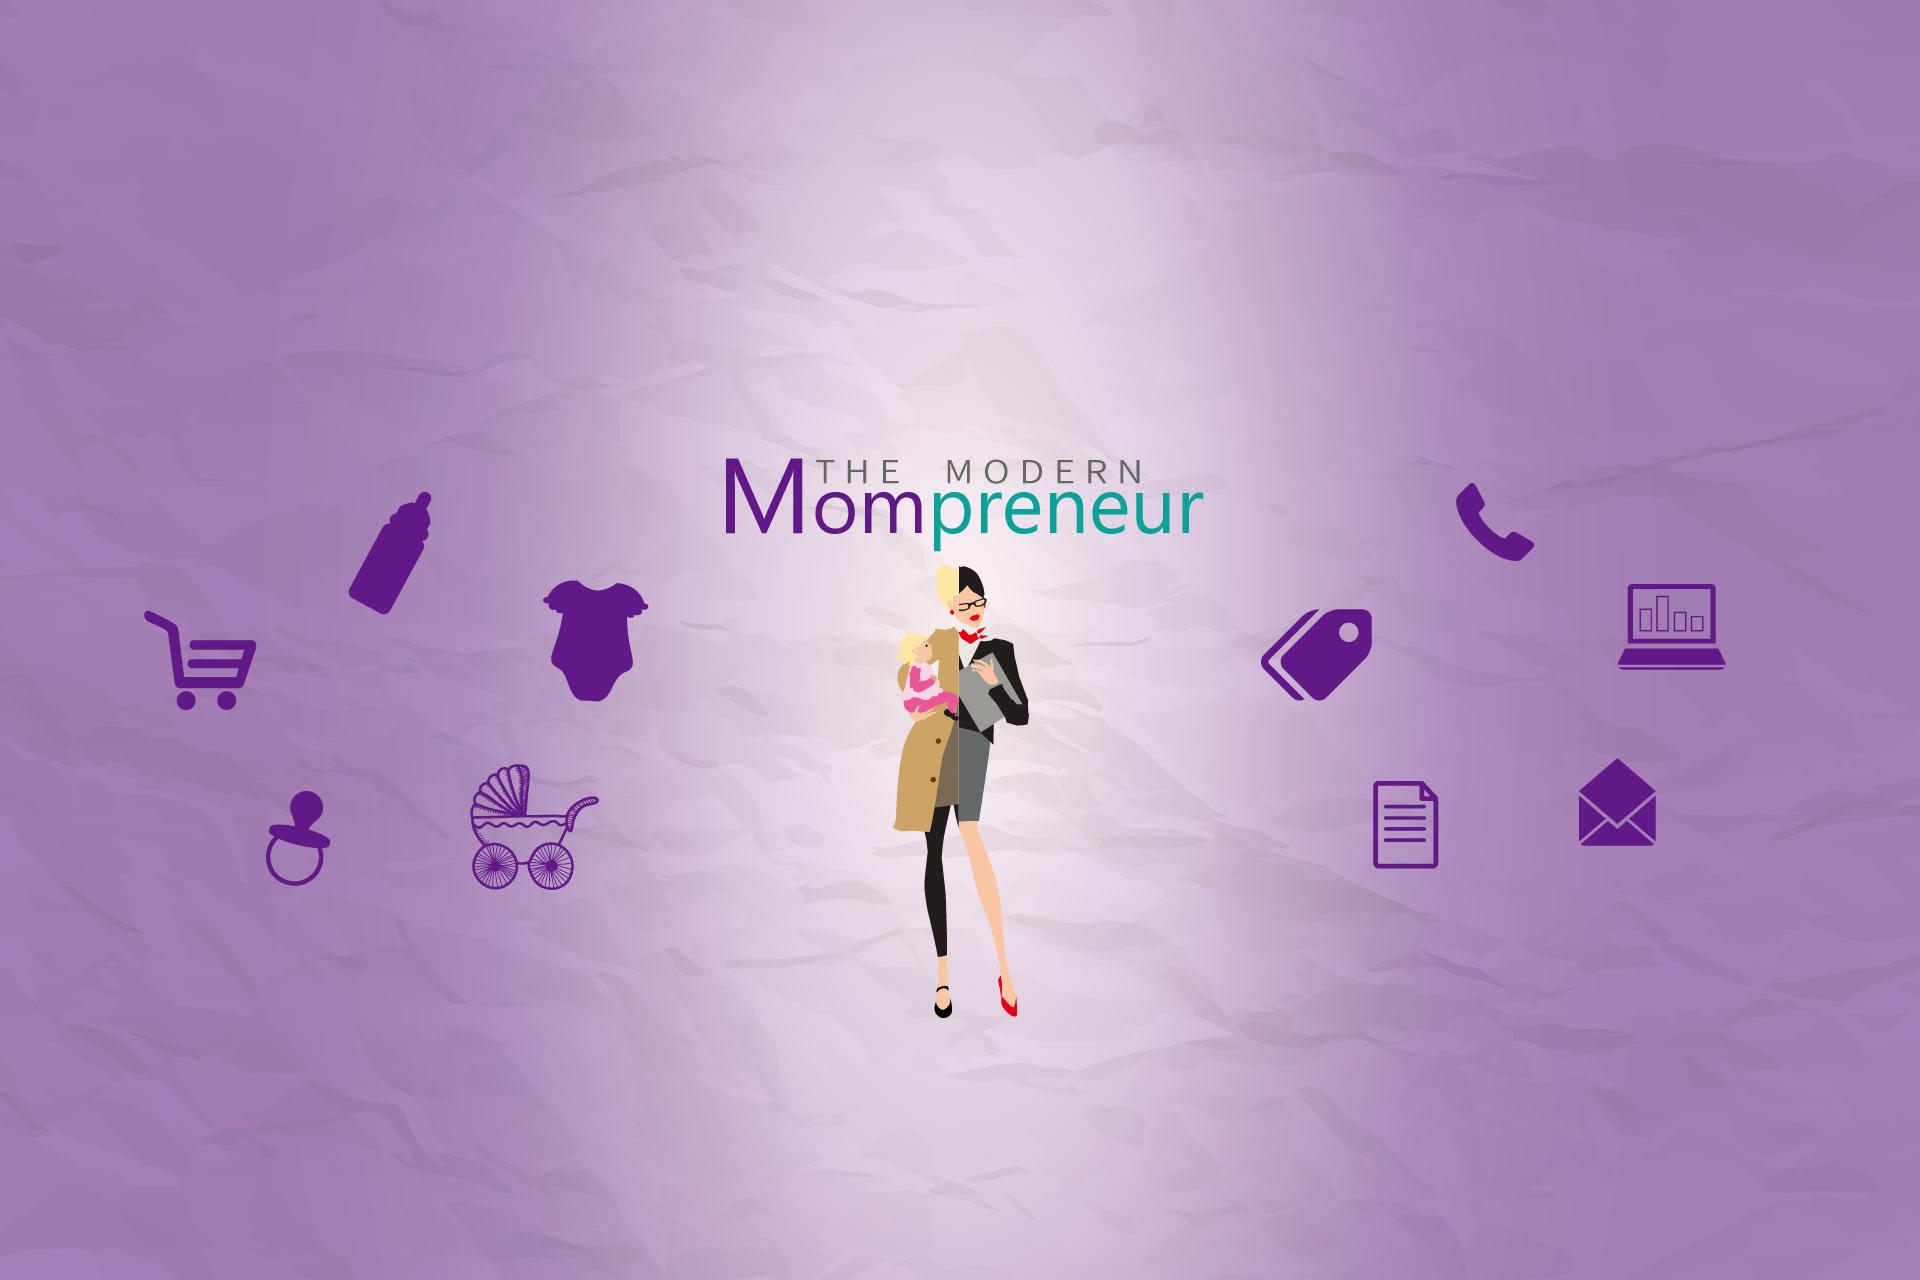 兩個寶貝- 創業和兒子給她們的成就感 : Mompreneur 郭梅琳 & 王亭嵐